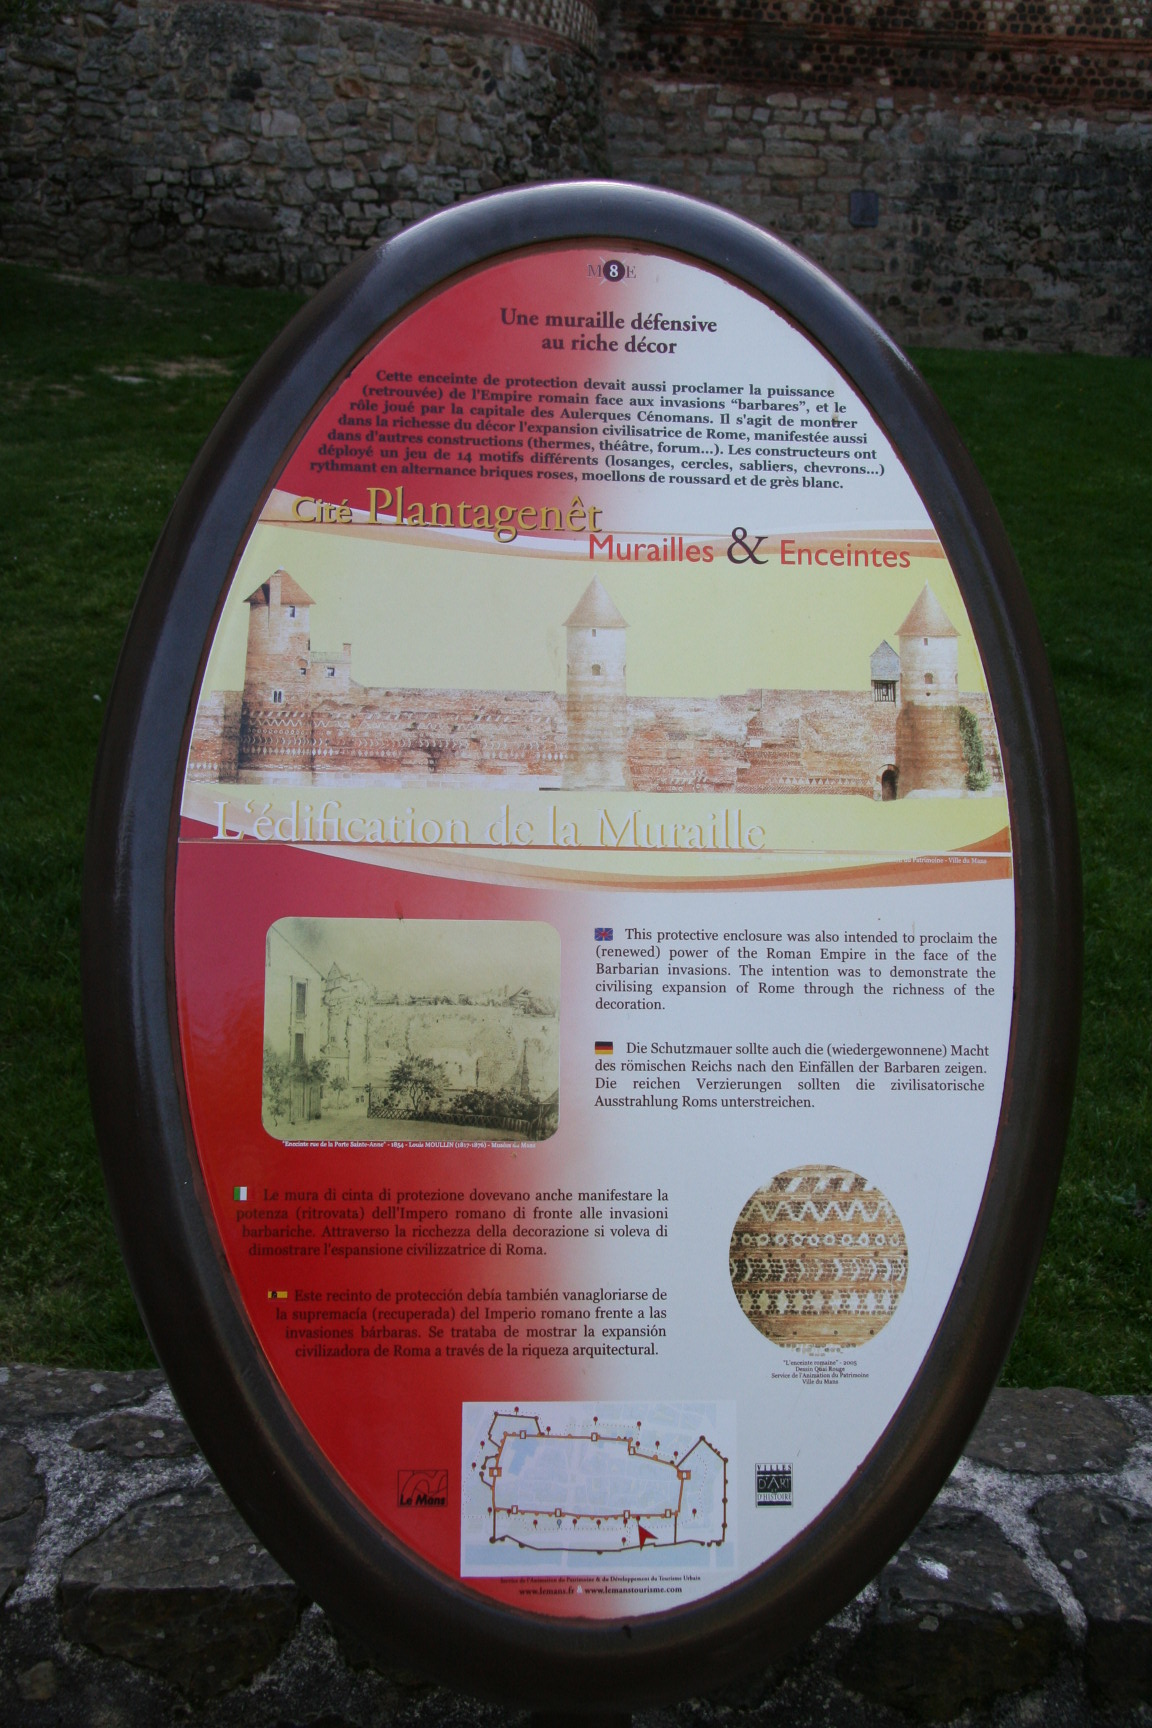 Le Vieux Mans en 2010 - L'enceinte romaine - Muraille 17 - L'édification de la Muraille (Sylvie Leveau)